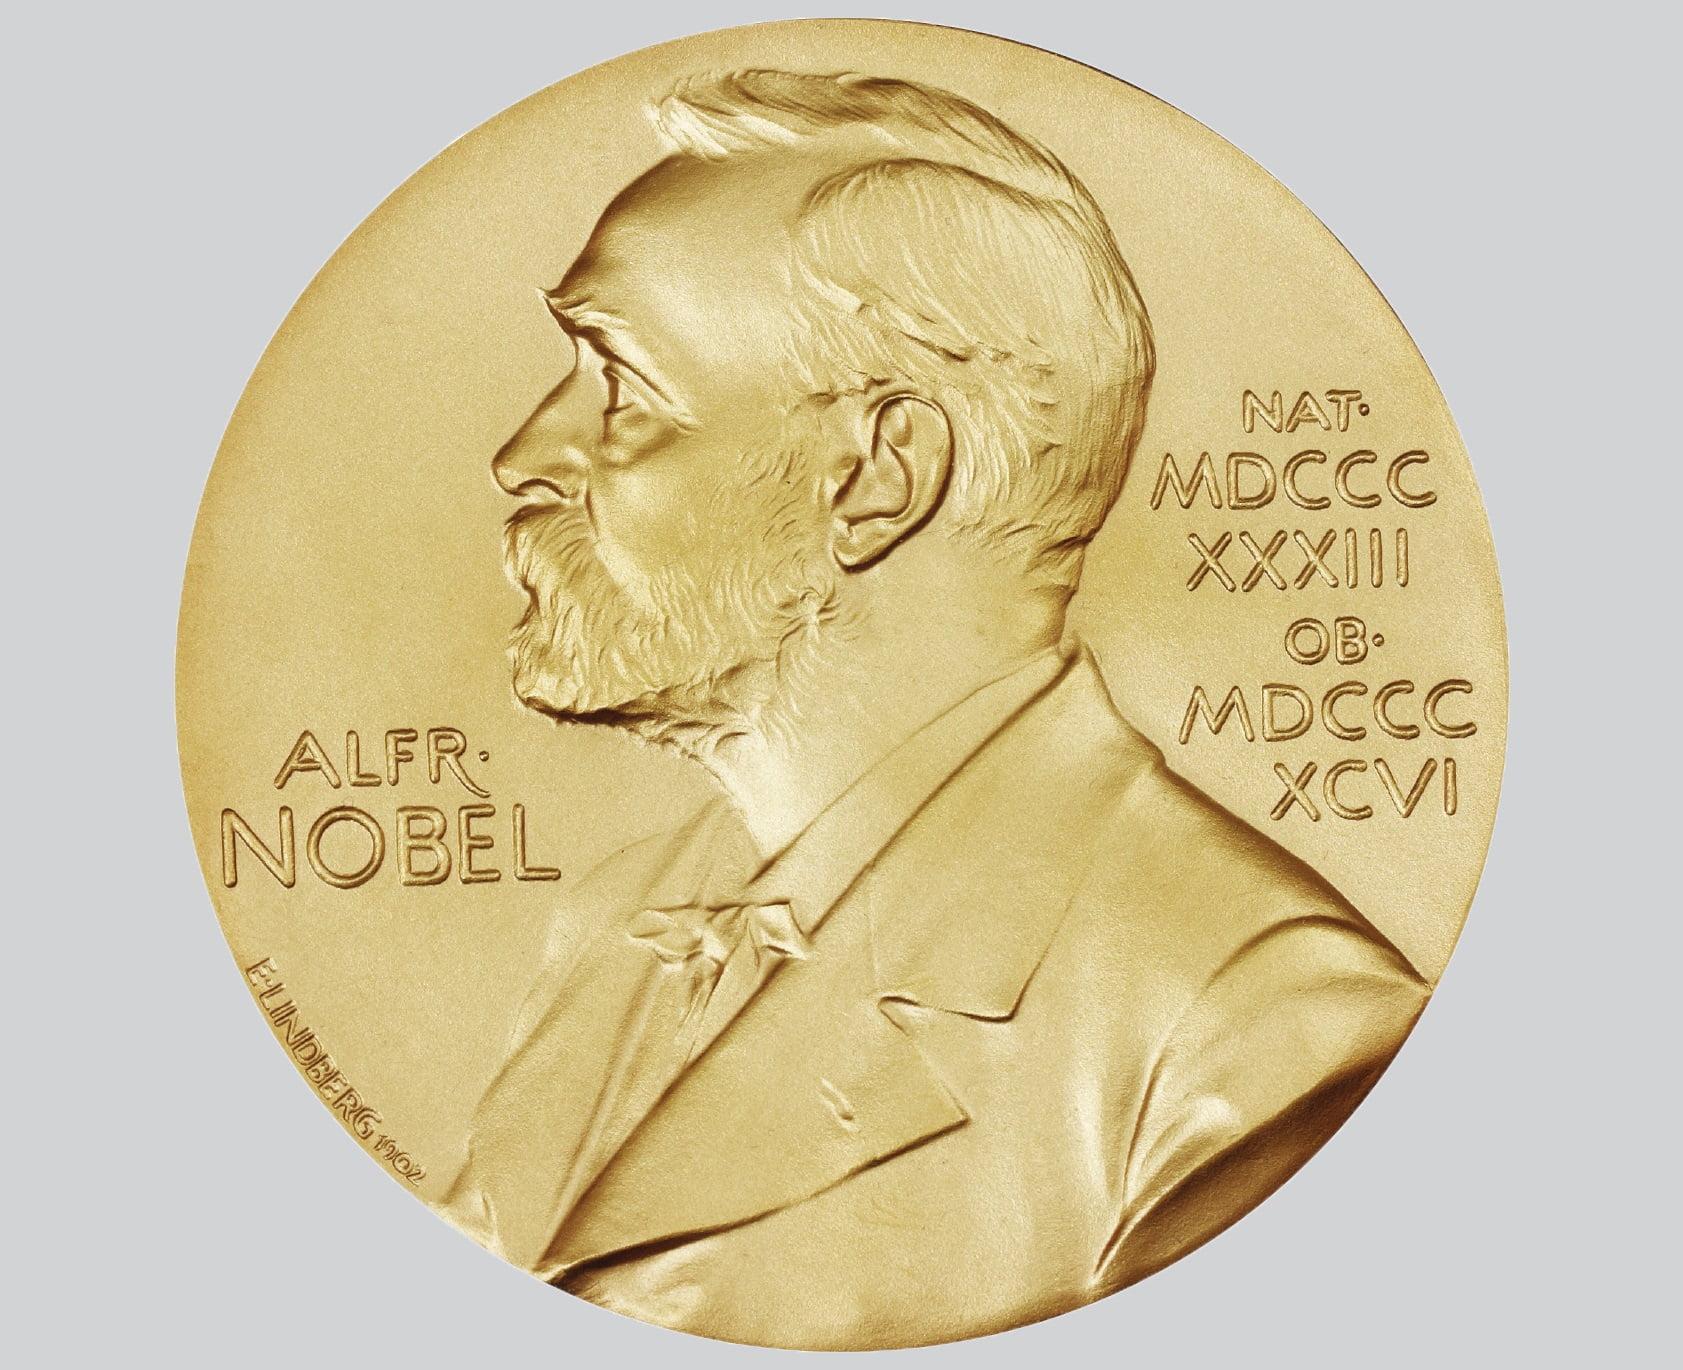 داستان کوتاه خبر مرگ نوبل - داستان خبر مرگ آلفرد نوبل